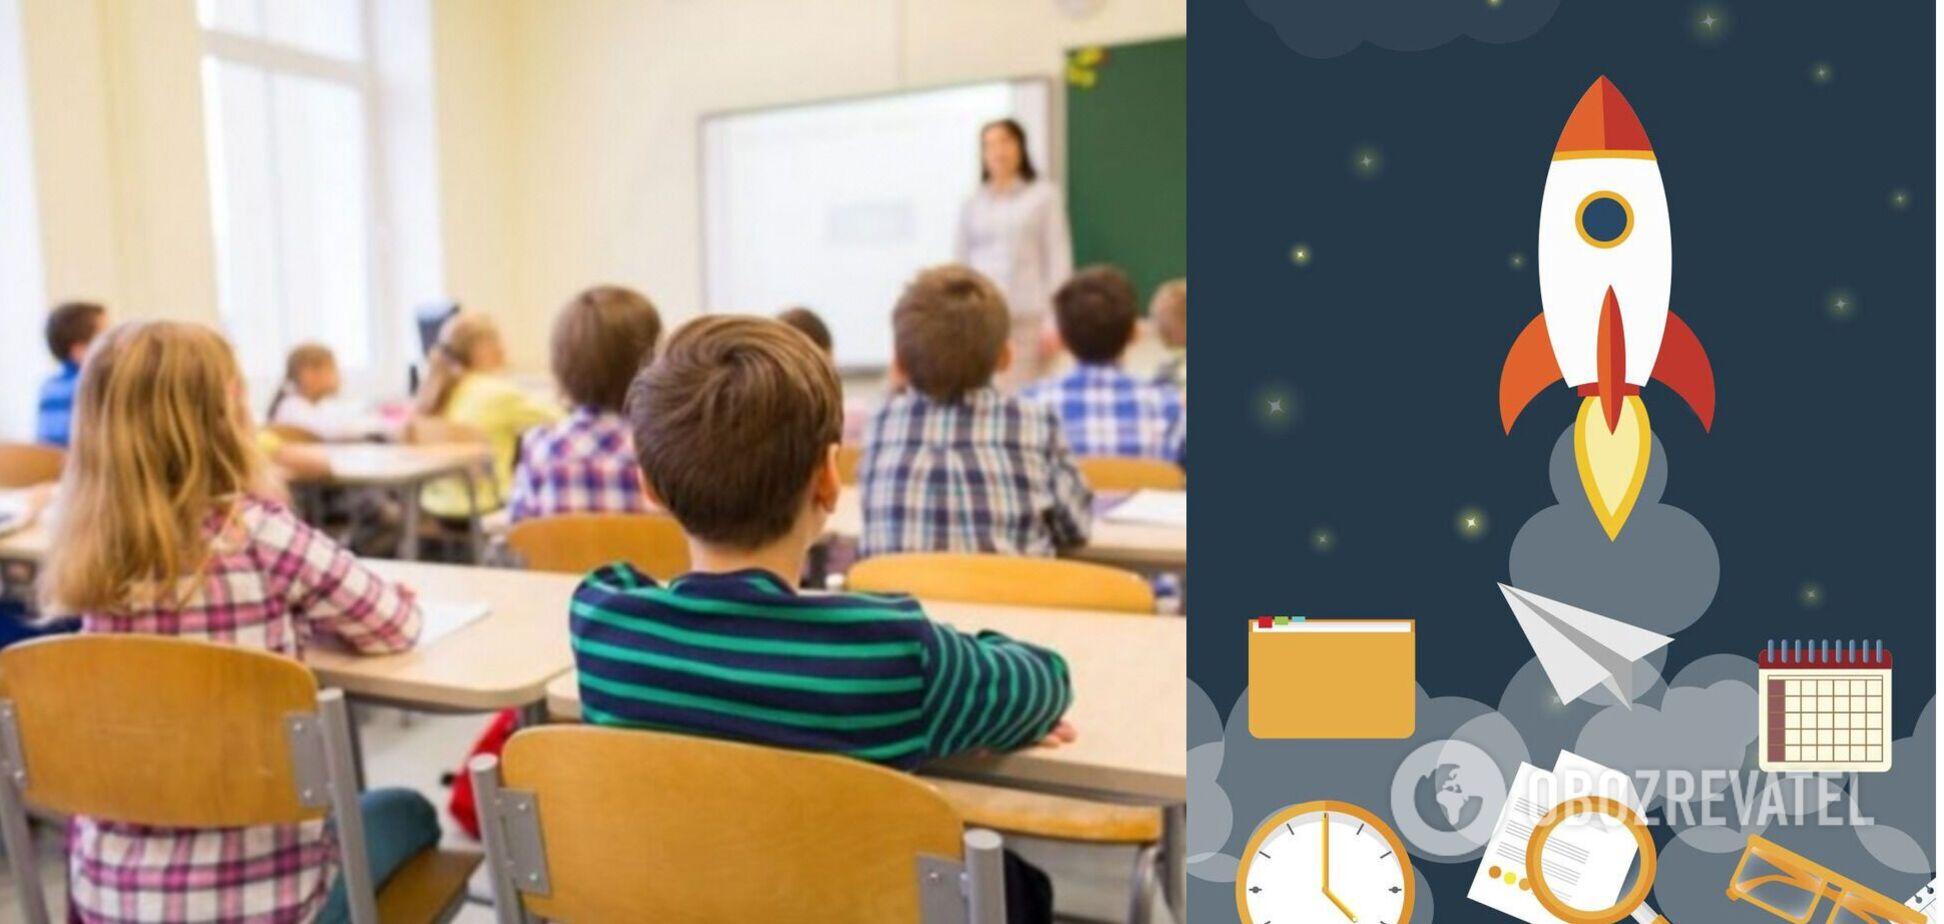 Повышение эффективности образования, или Зачем школьникам стартапы?